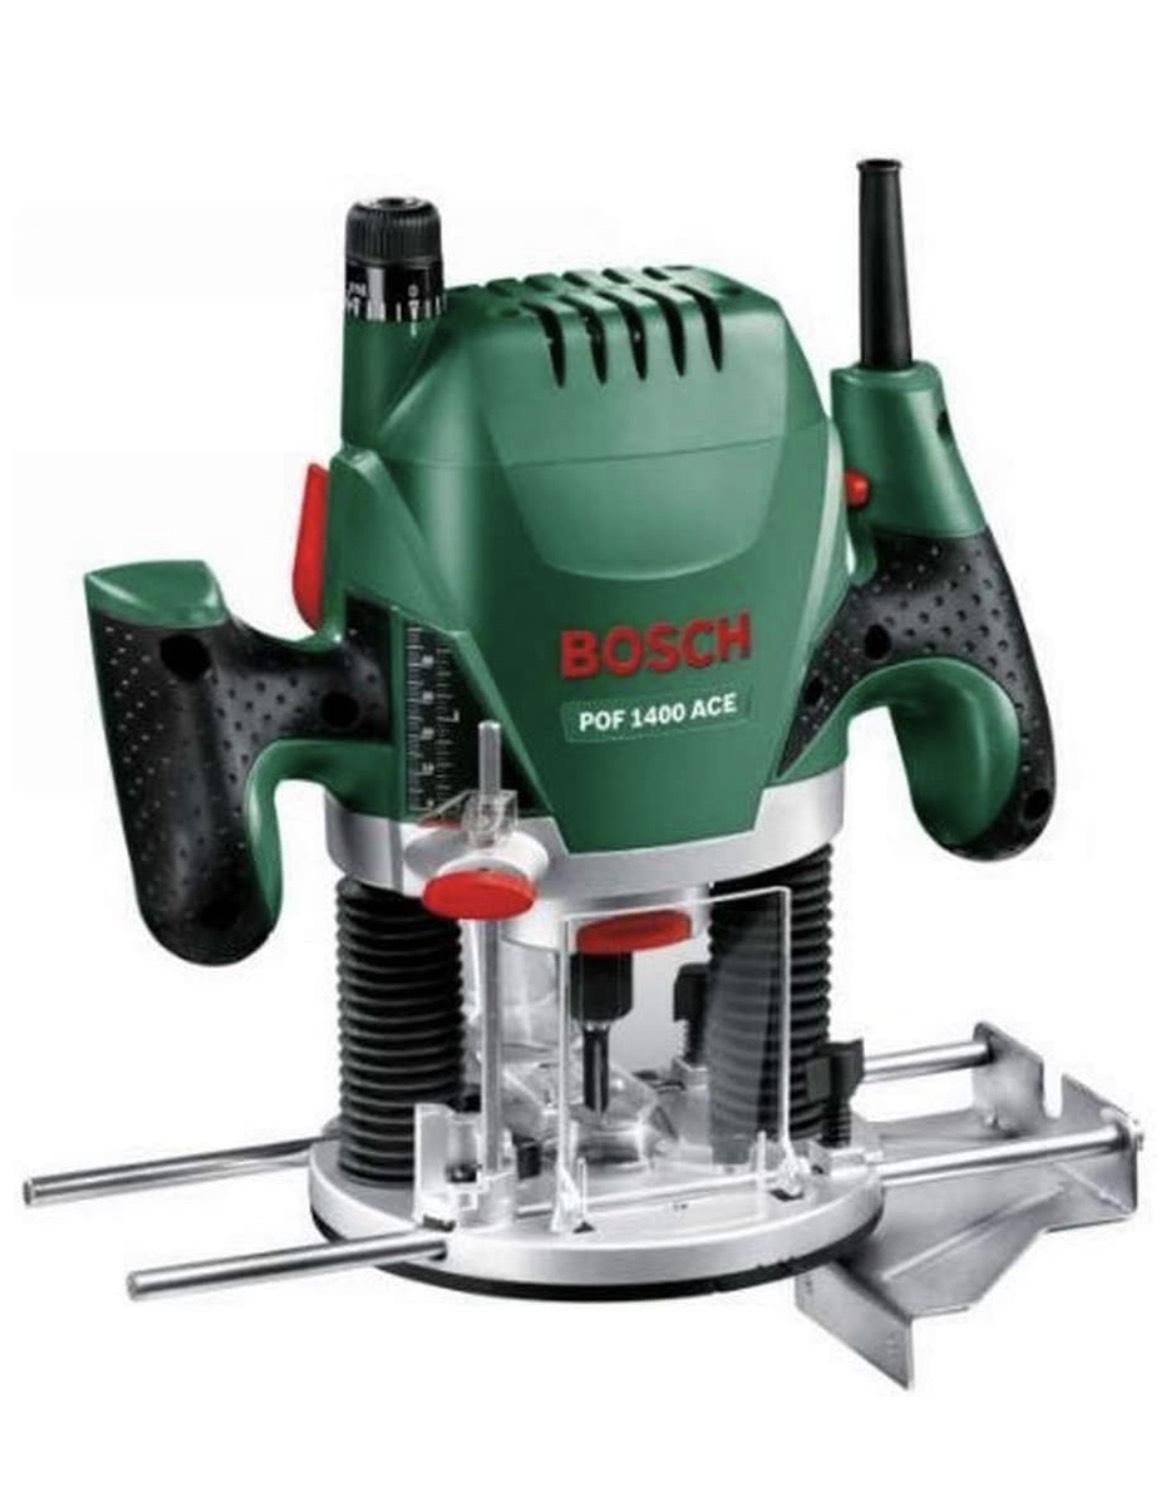 Défonceuse filaire Bosch Pof 1400 ACE avec Kit d'accessoires - 1400W, 11000 à 28000 rpm